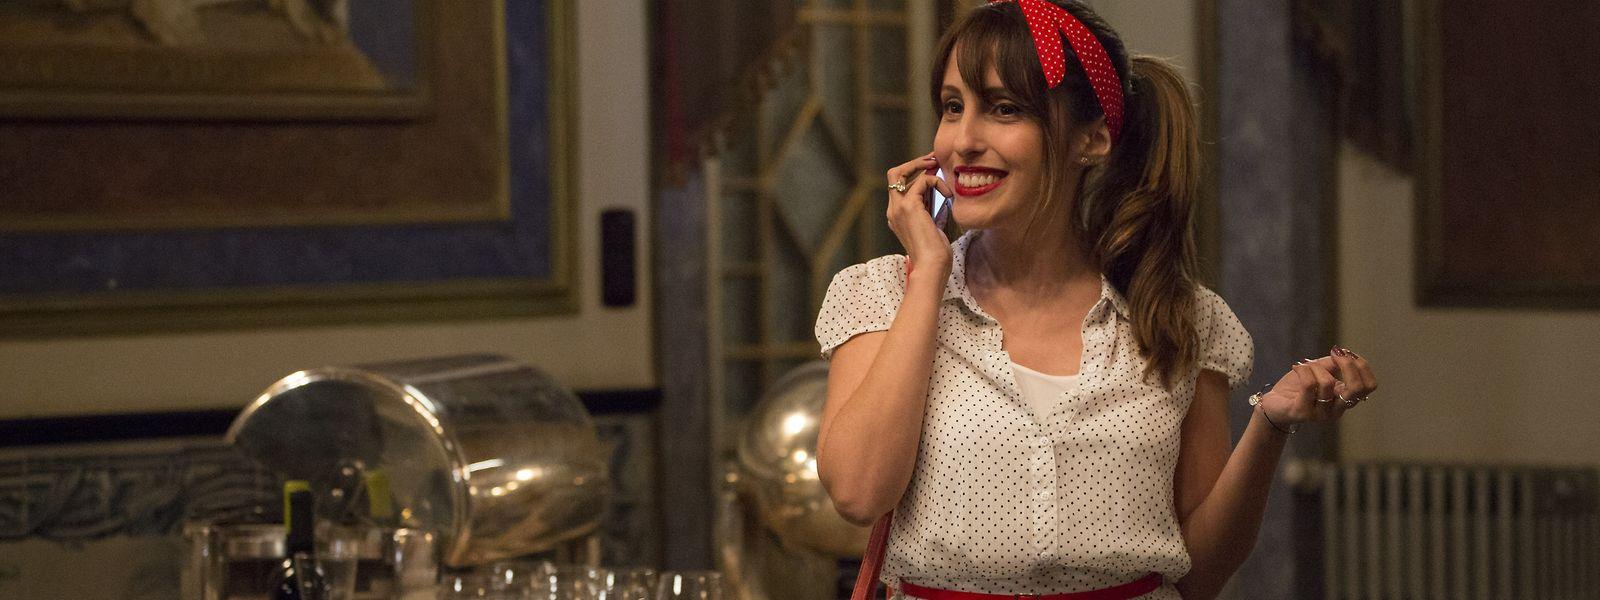 """""""A Canção de Lisboa"""" é um dos maiores êxitos de bilheteira de 2016. O filme será projetado no Luxemburgo no dia 15 de novembro."""